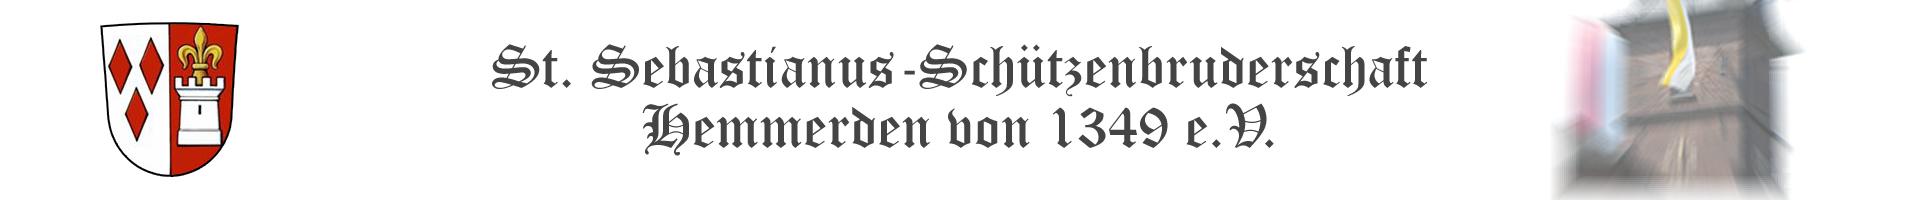 St. Sebastianus-Schützenbruderschaft Hemmerden von 1349 e.V.